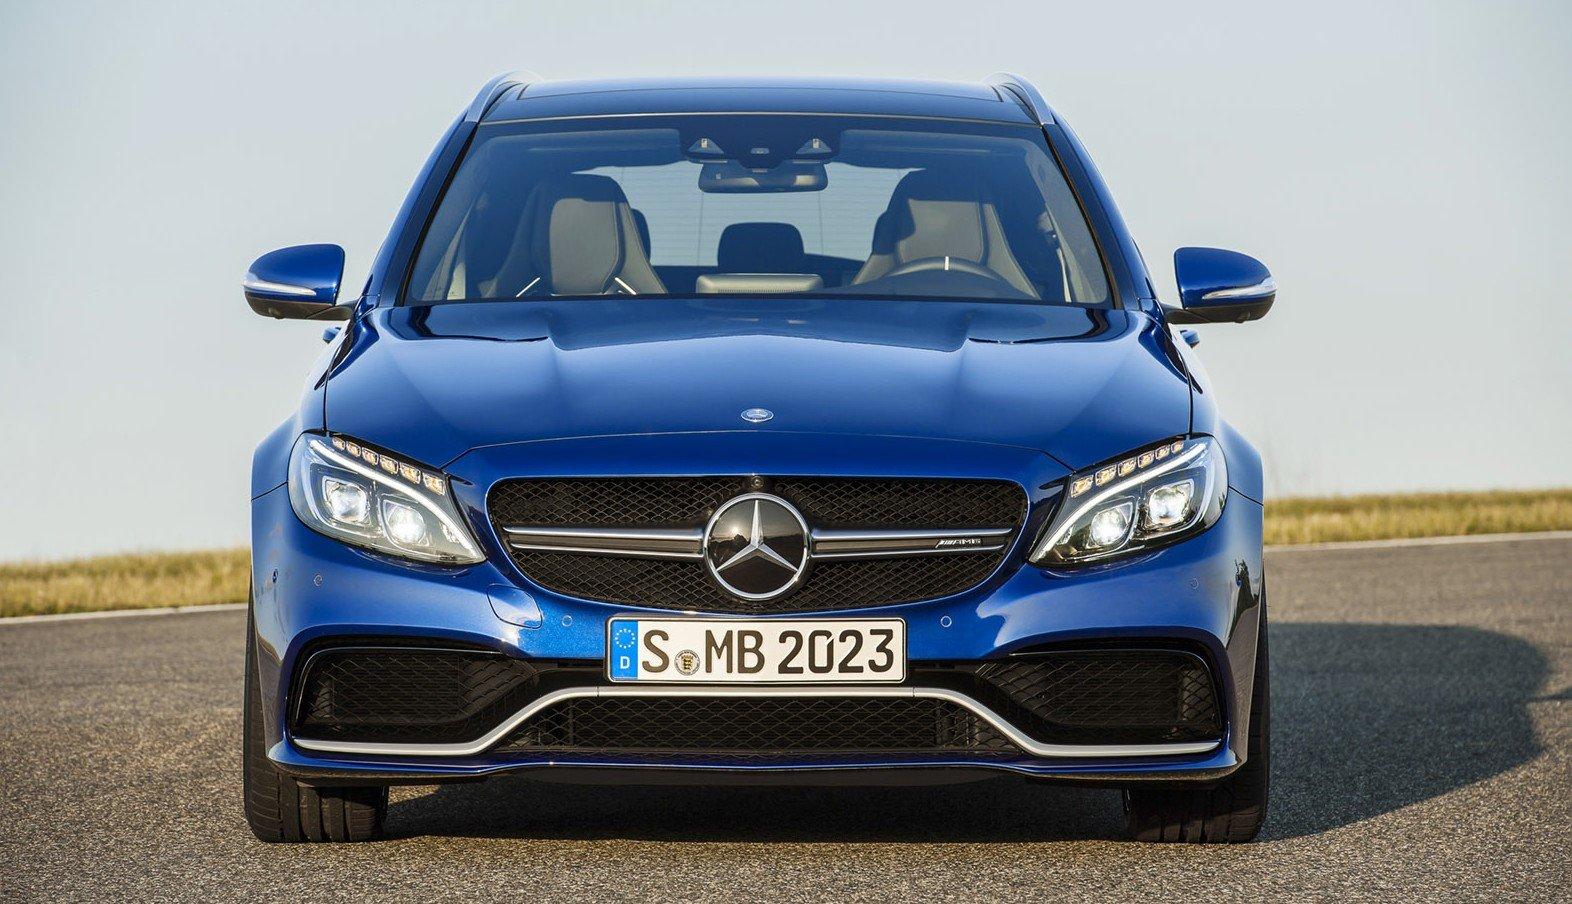 Mercedes Benz E Amg S